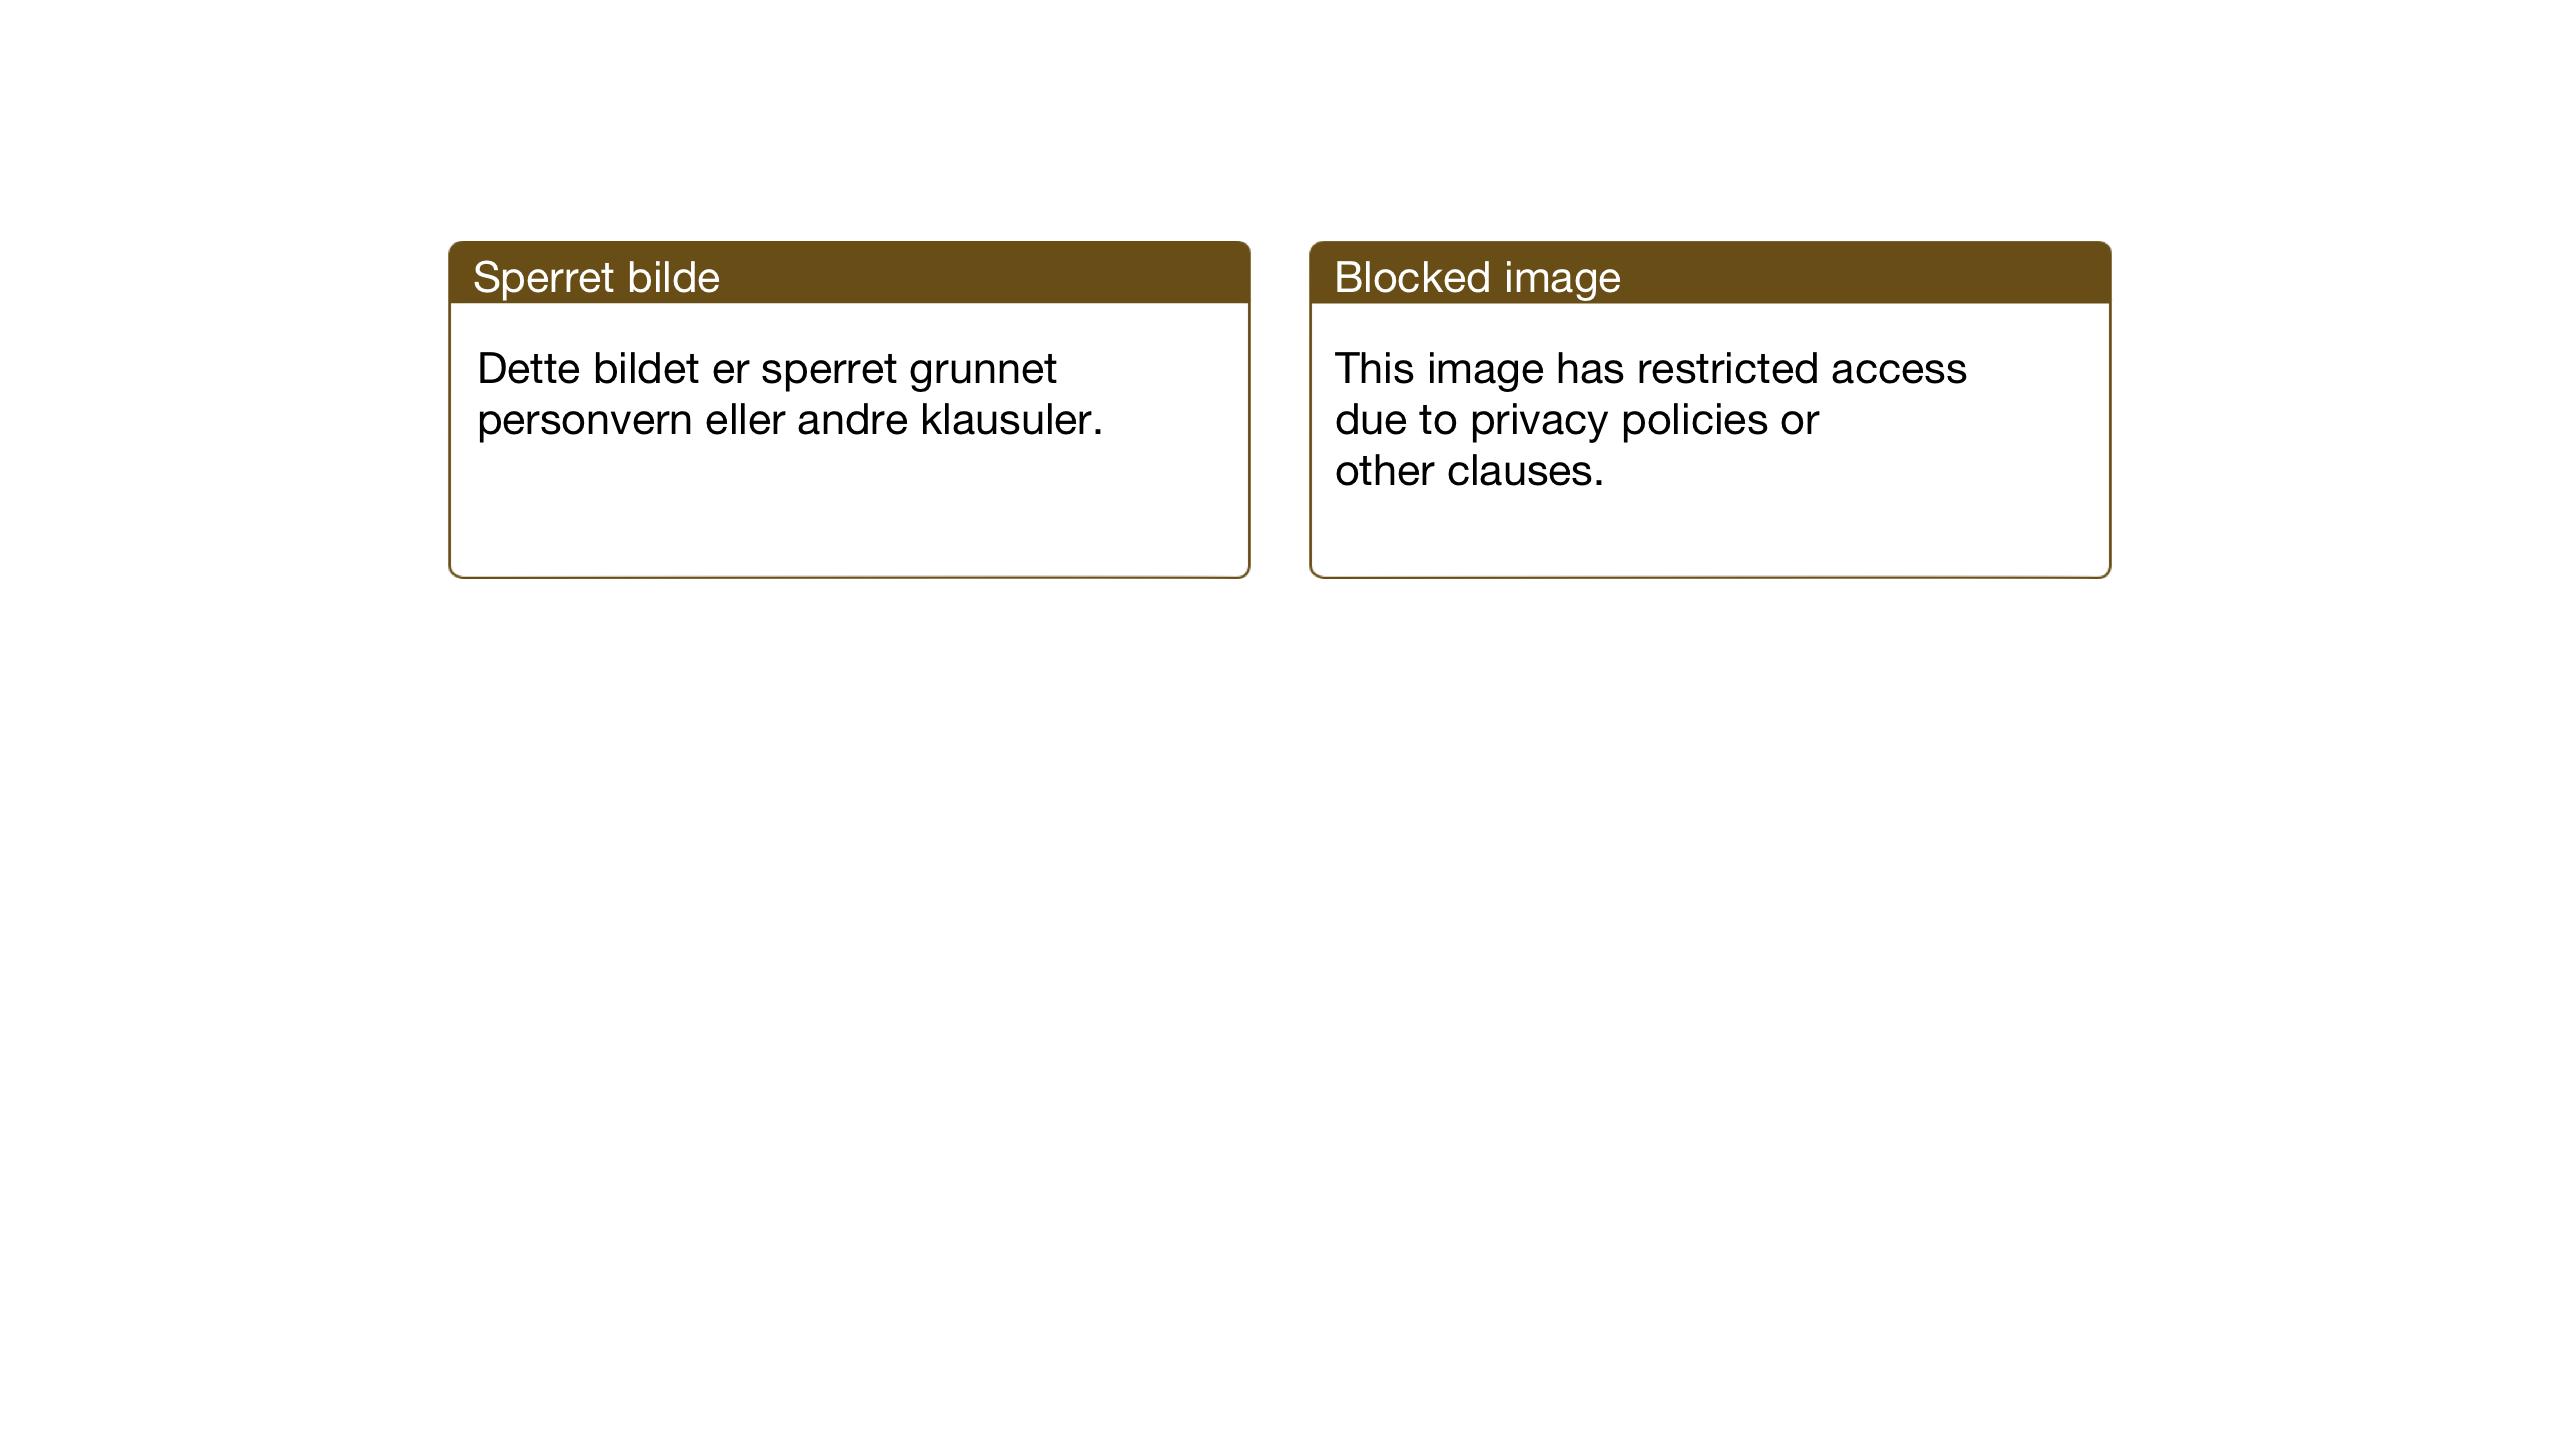 SAT, Ministerialprotokoller, klokkerbøker og fødselsregistre - Sør-Trøndelag, 686/L0986: Klokkerbok nr. 686C02, 1933-1950, s. 86